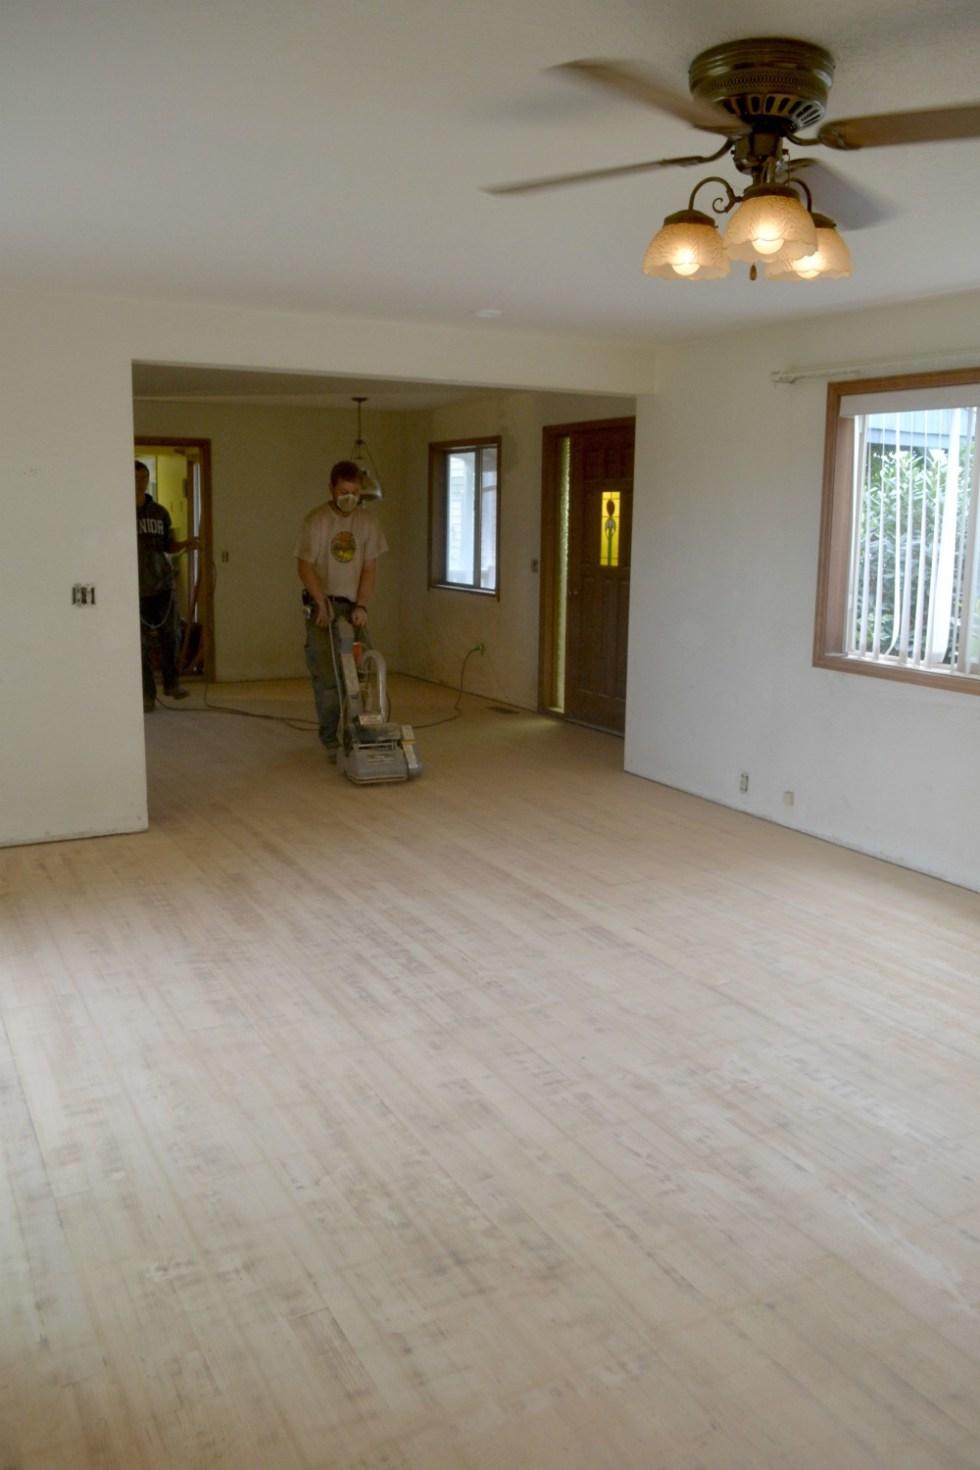 Using a floor sander to prep hardwood floor